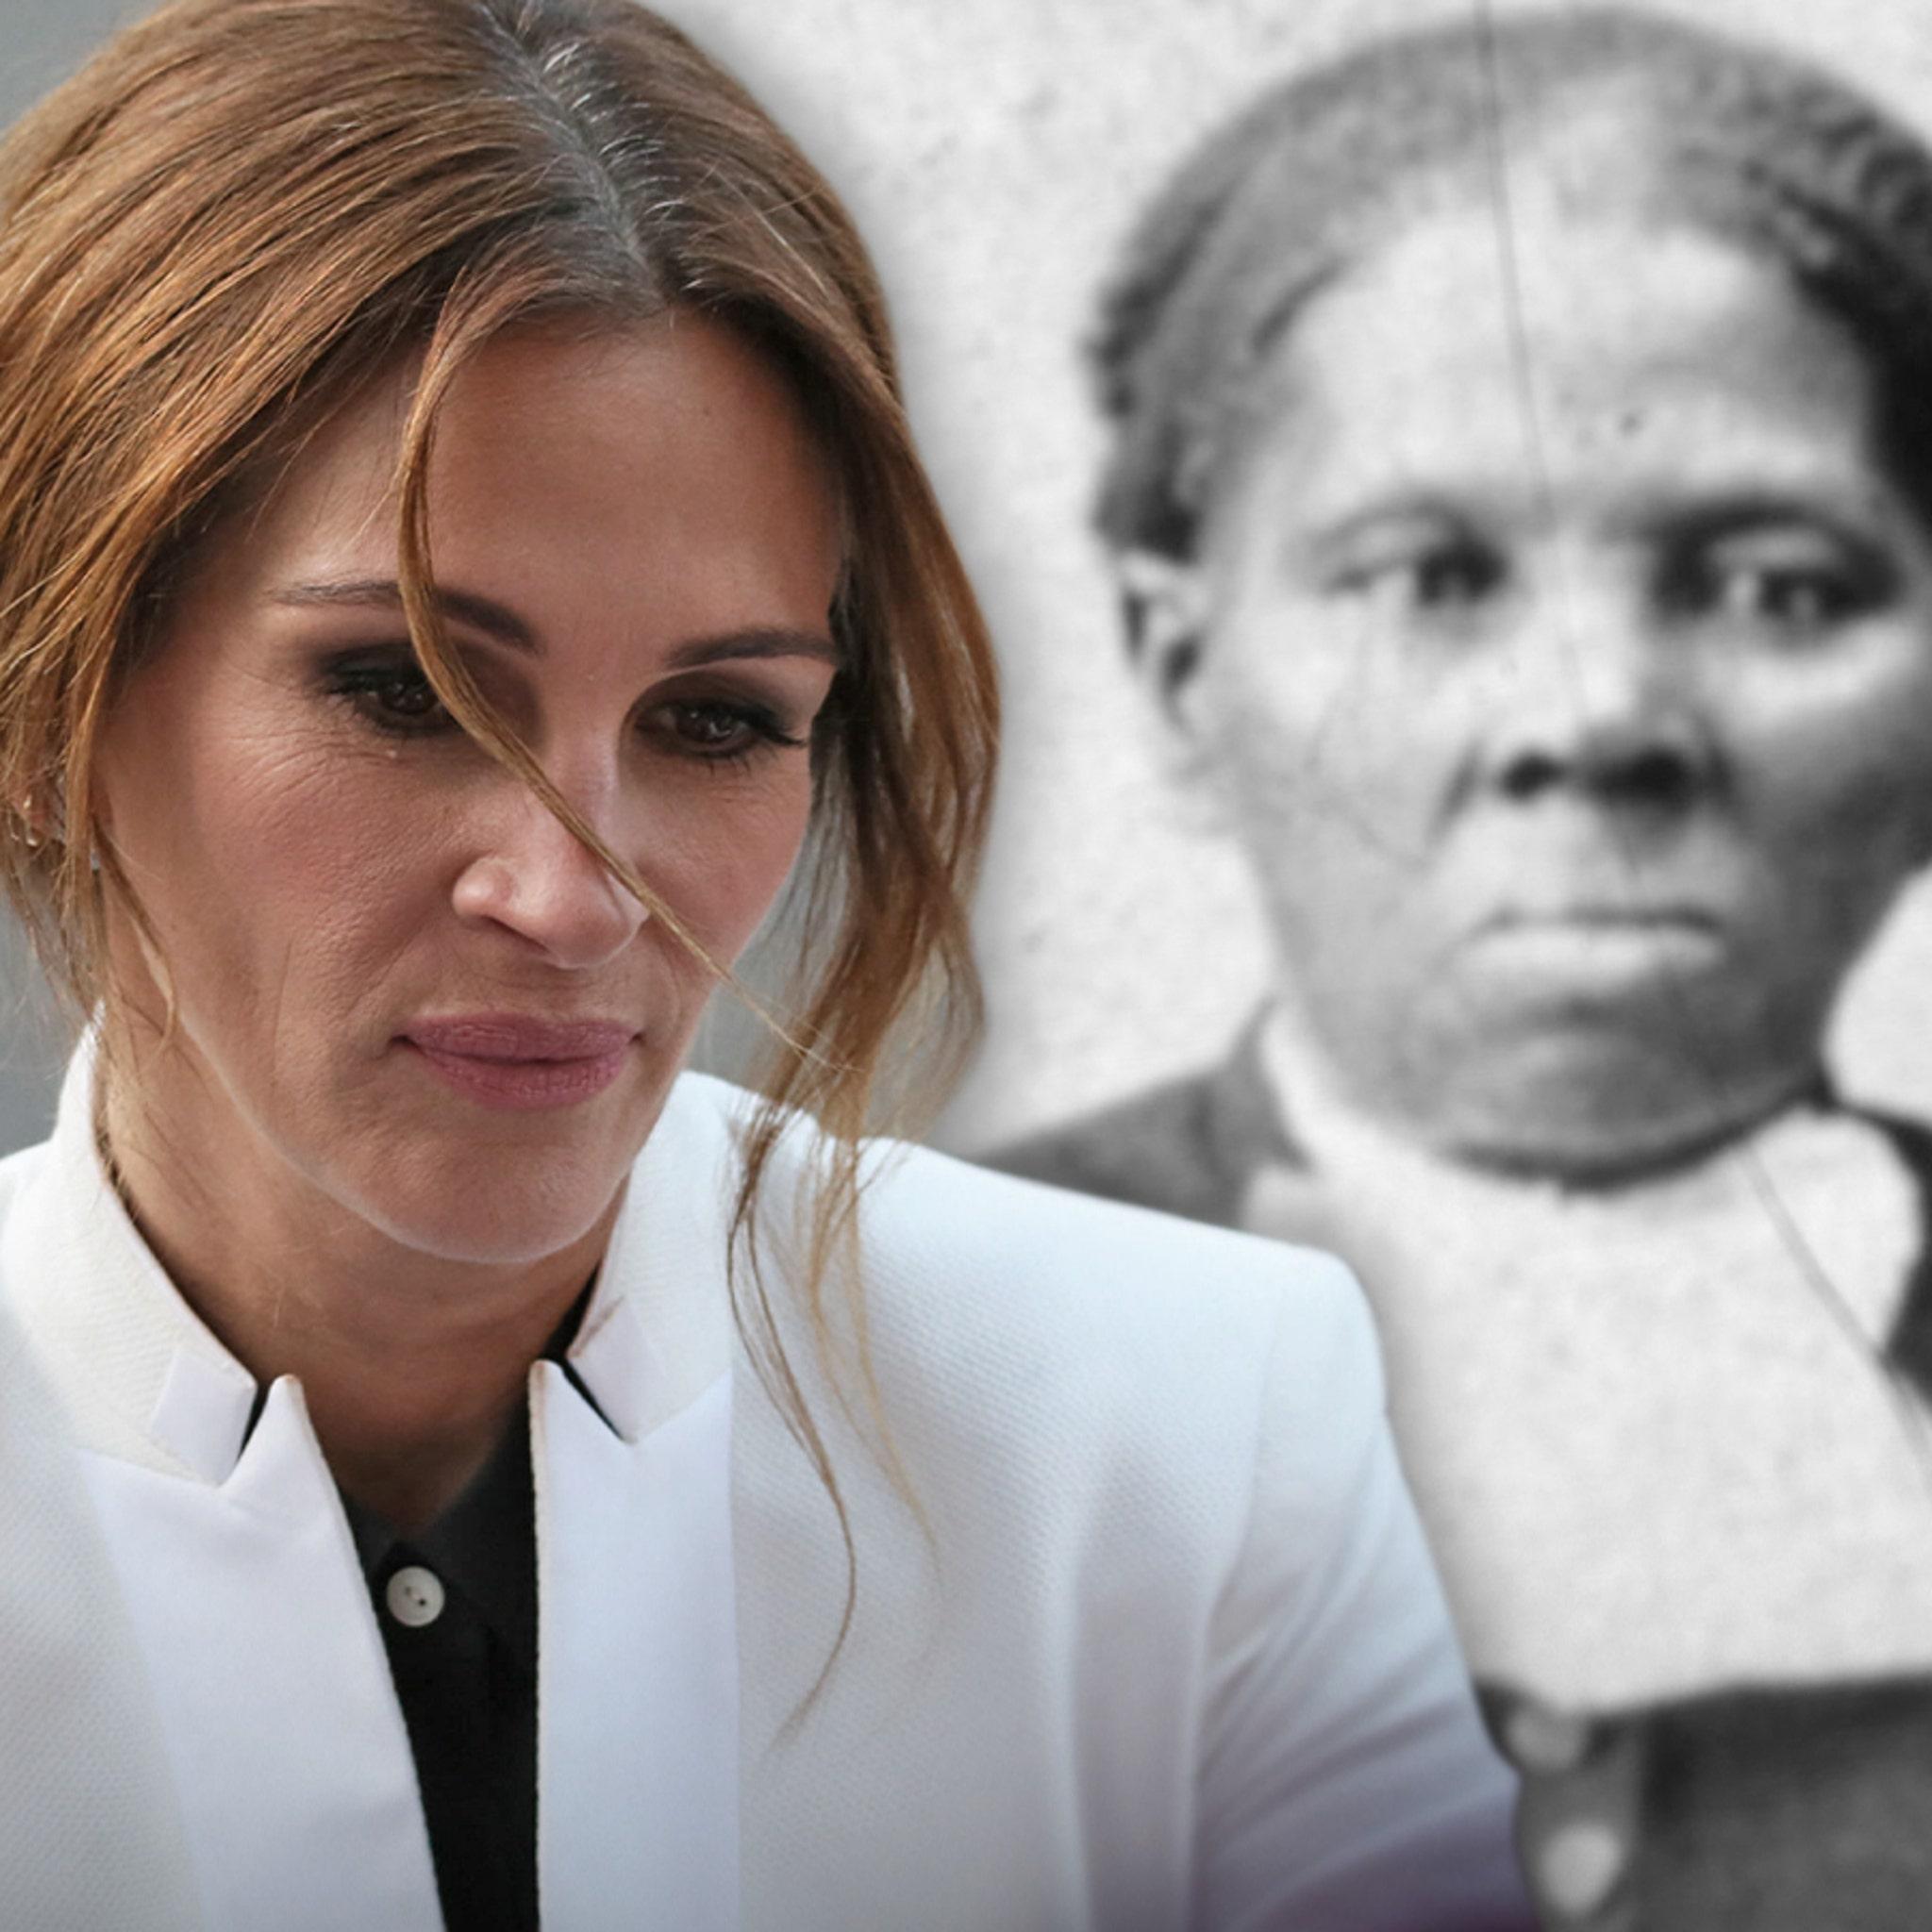 Julia Roberts Should've Played Harriet Tubman According to One Studio Exec